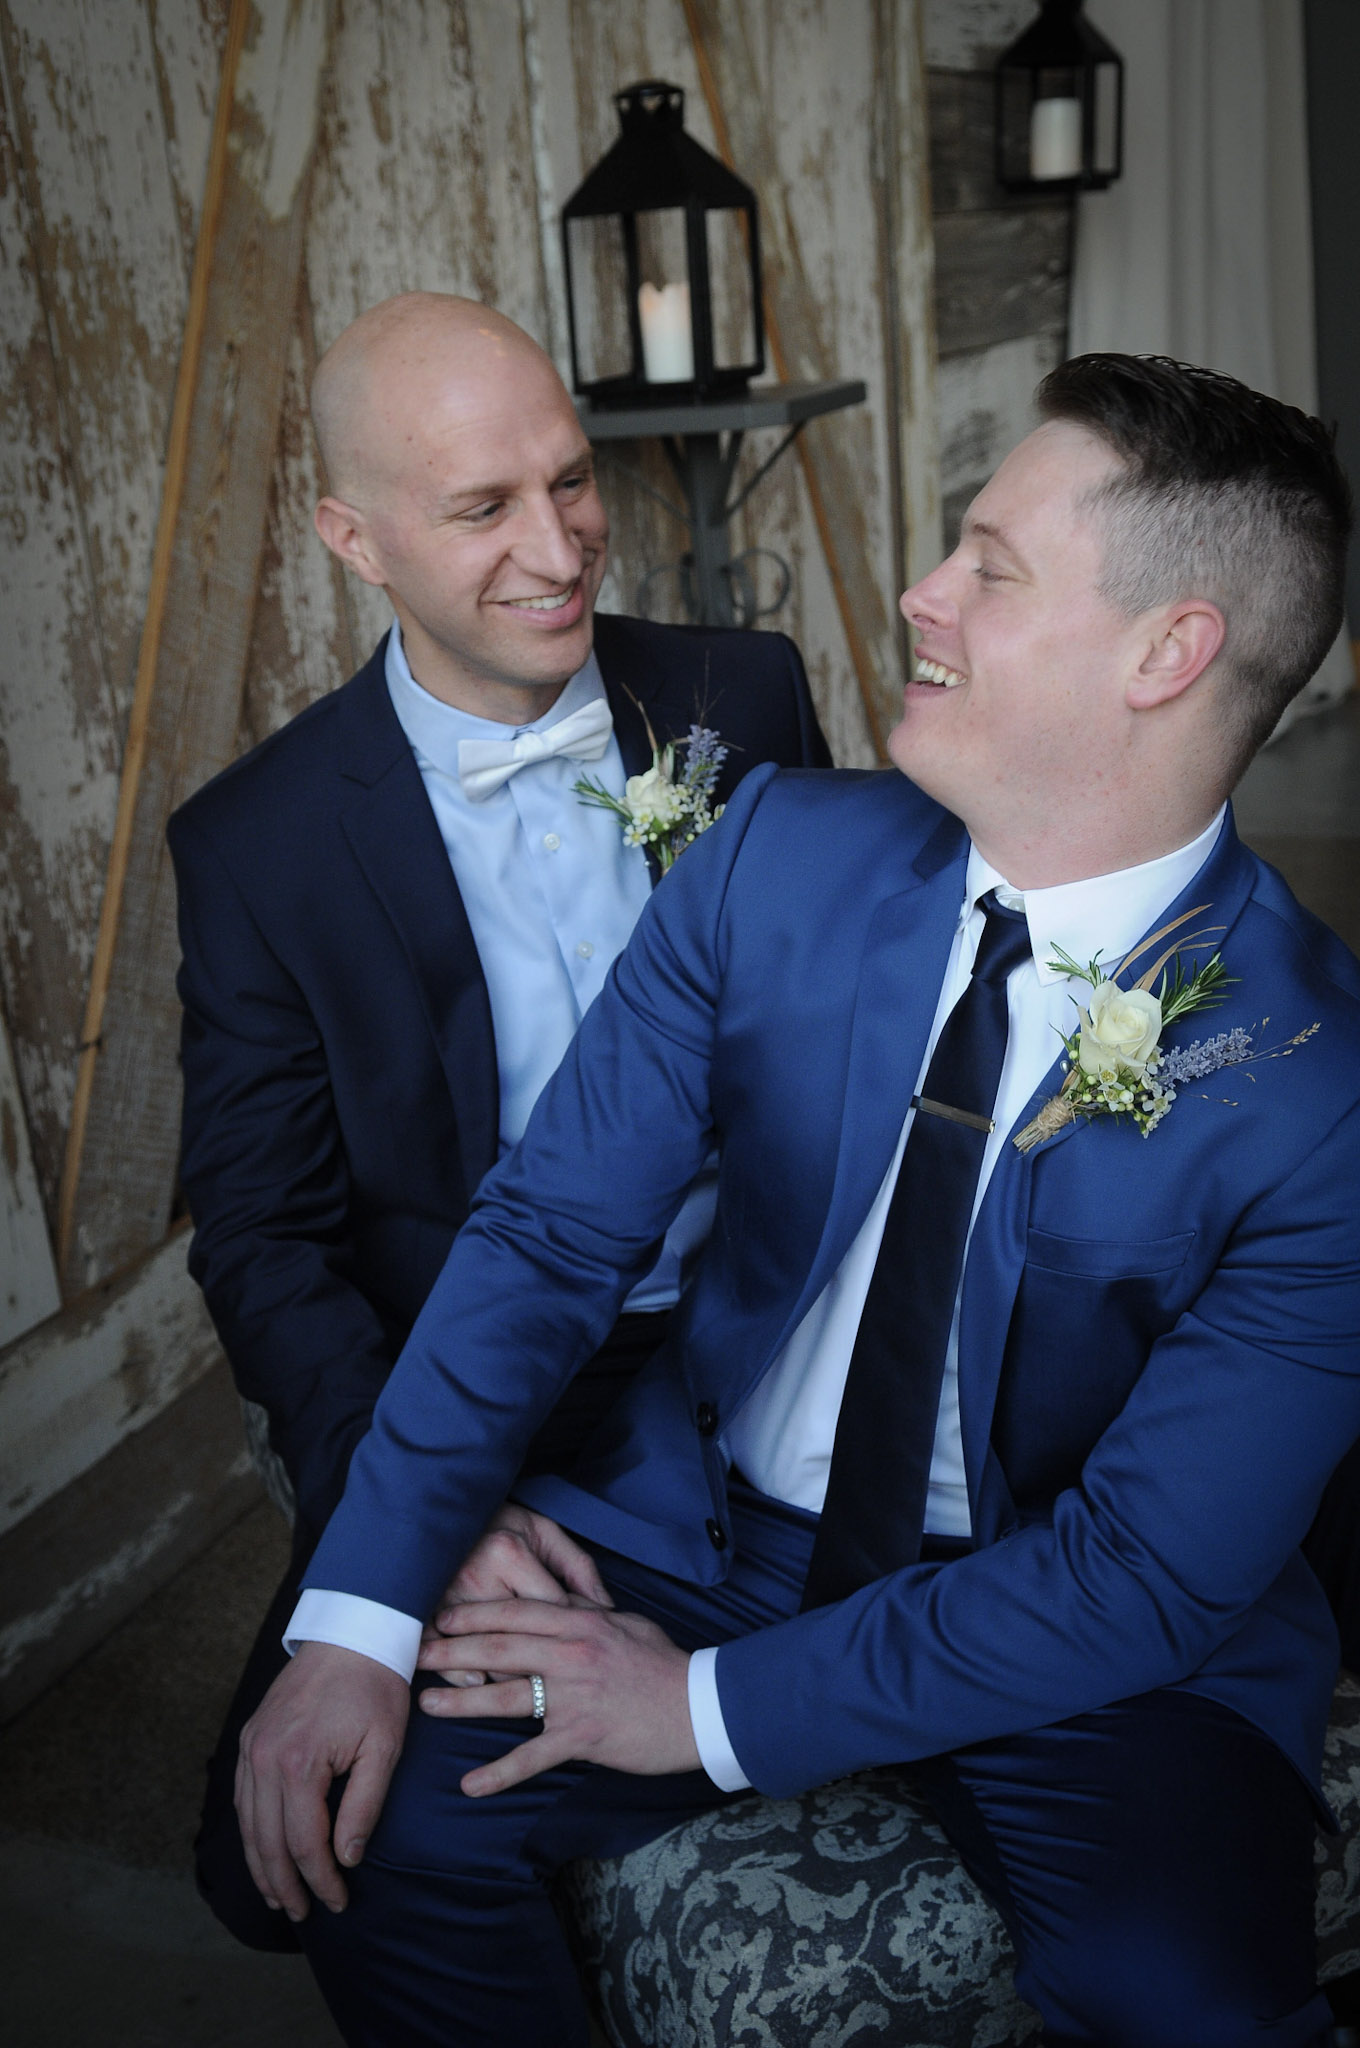 Kansas_City_Small_Intimate_Budget_Wedding_Venue_IMG_7451.jpg